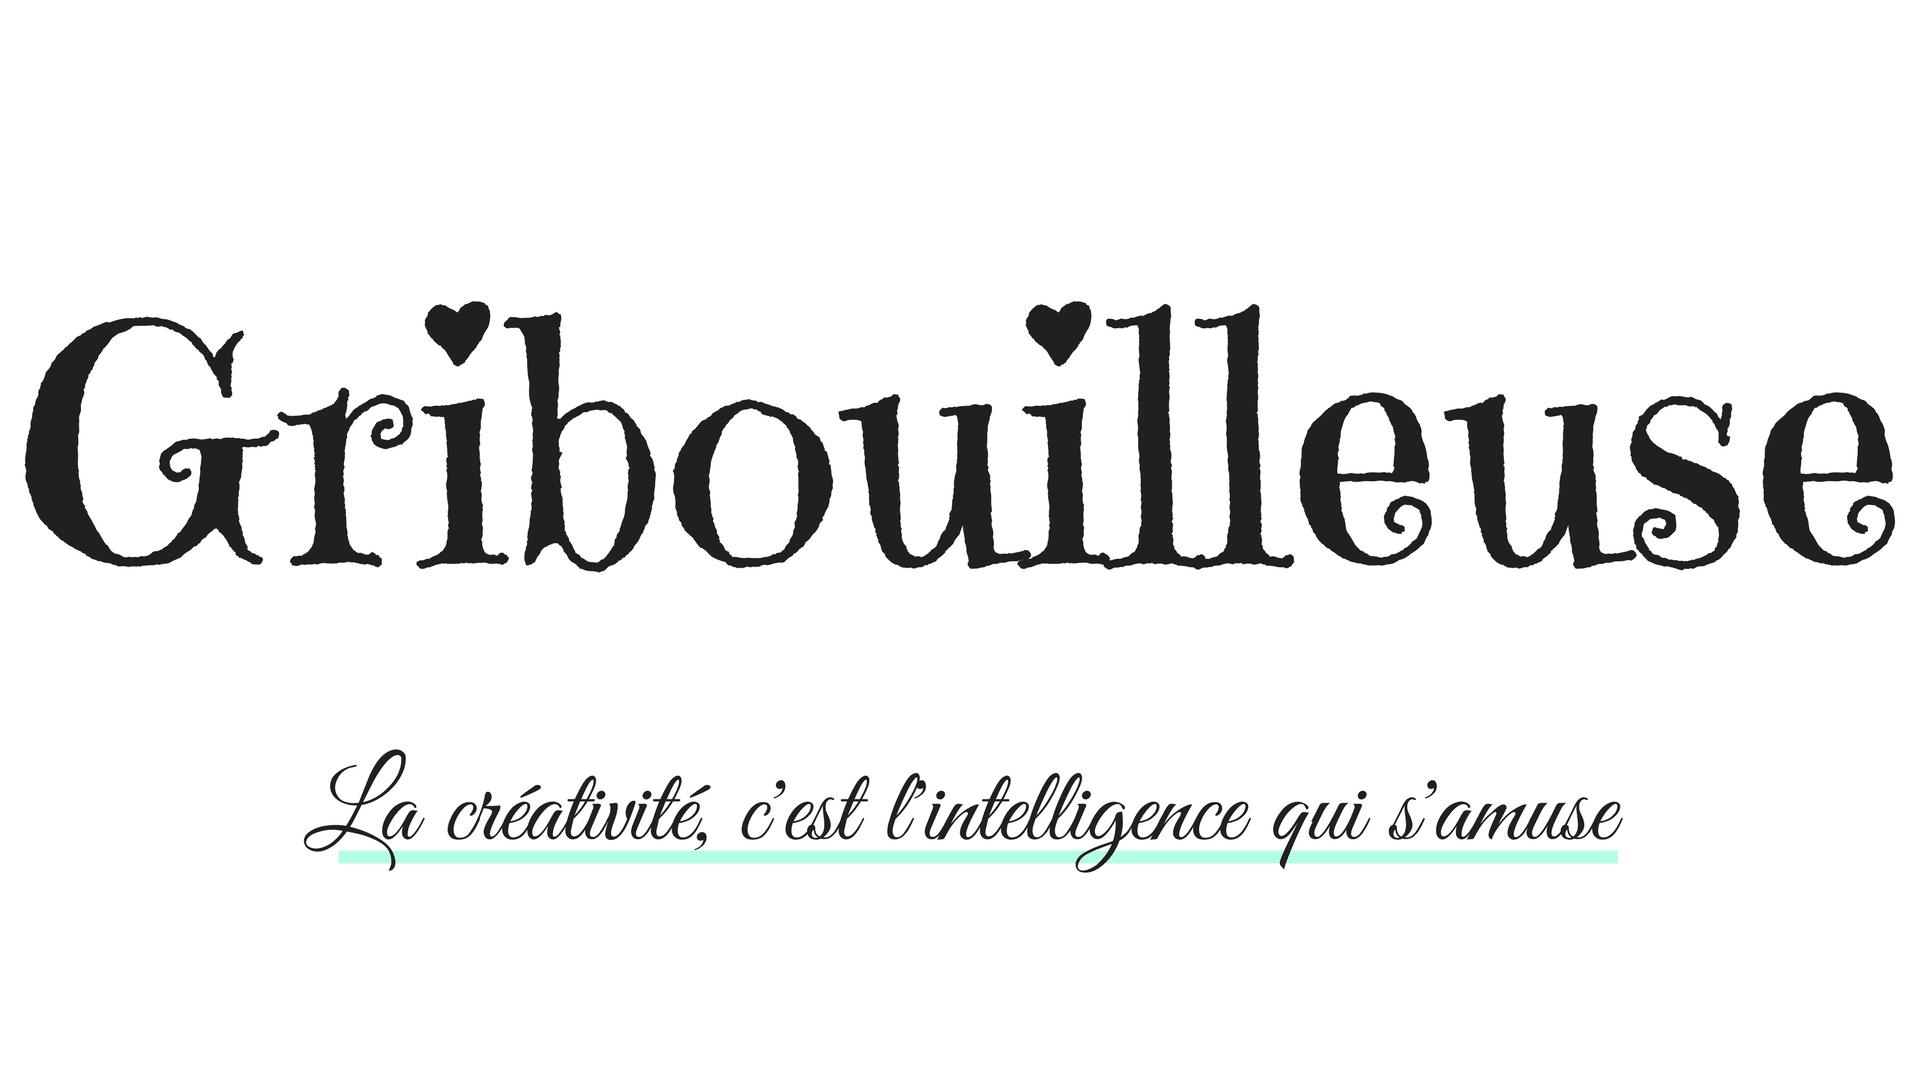 Gribouilleuse